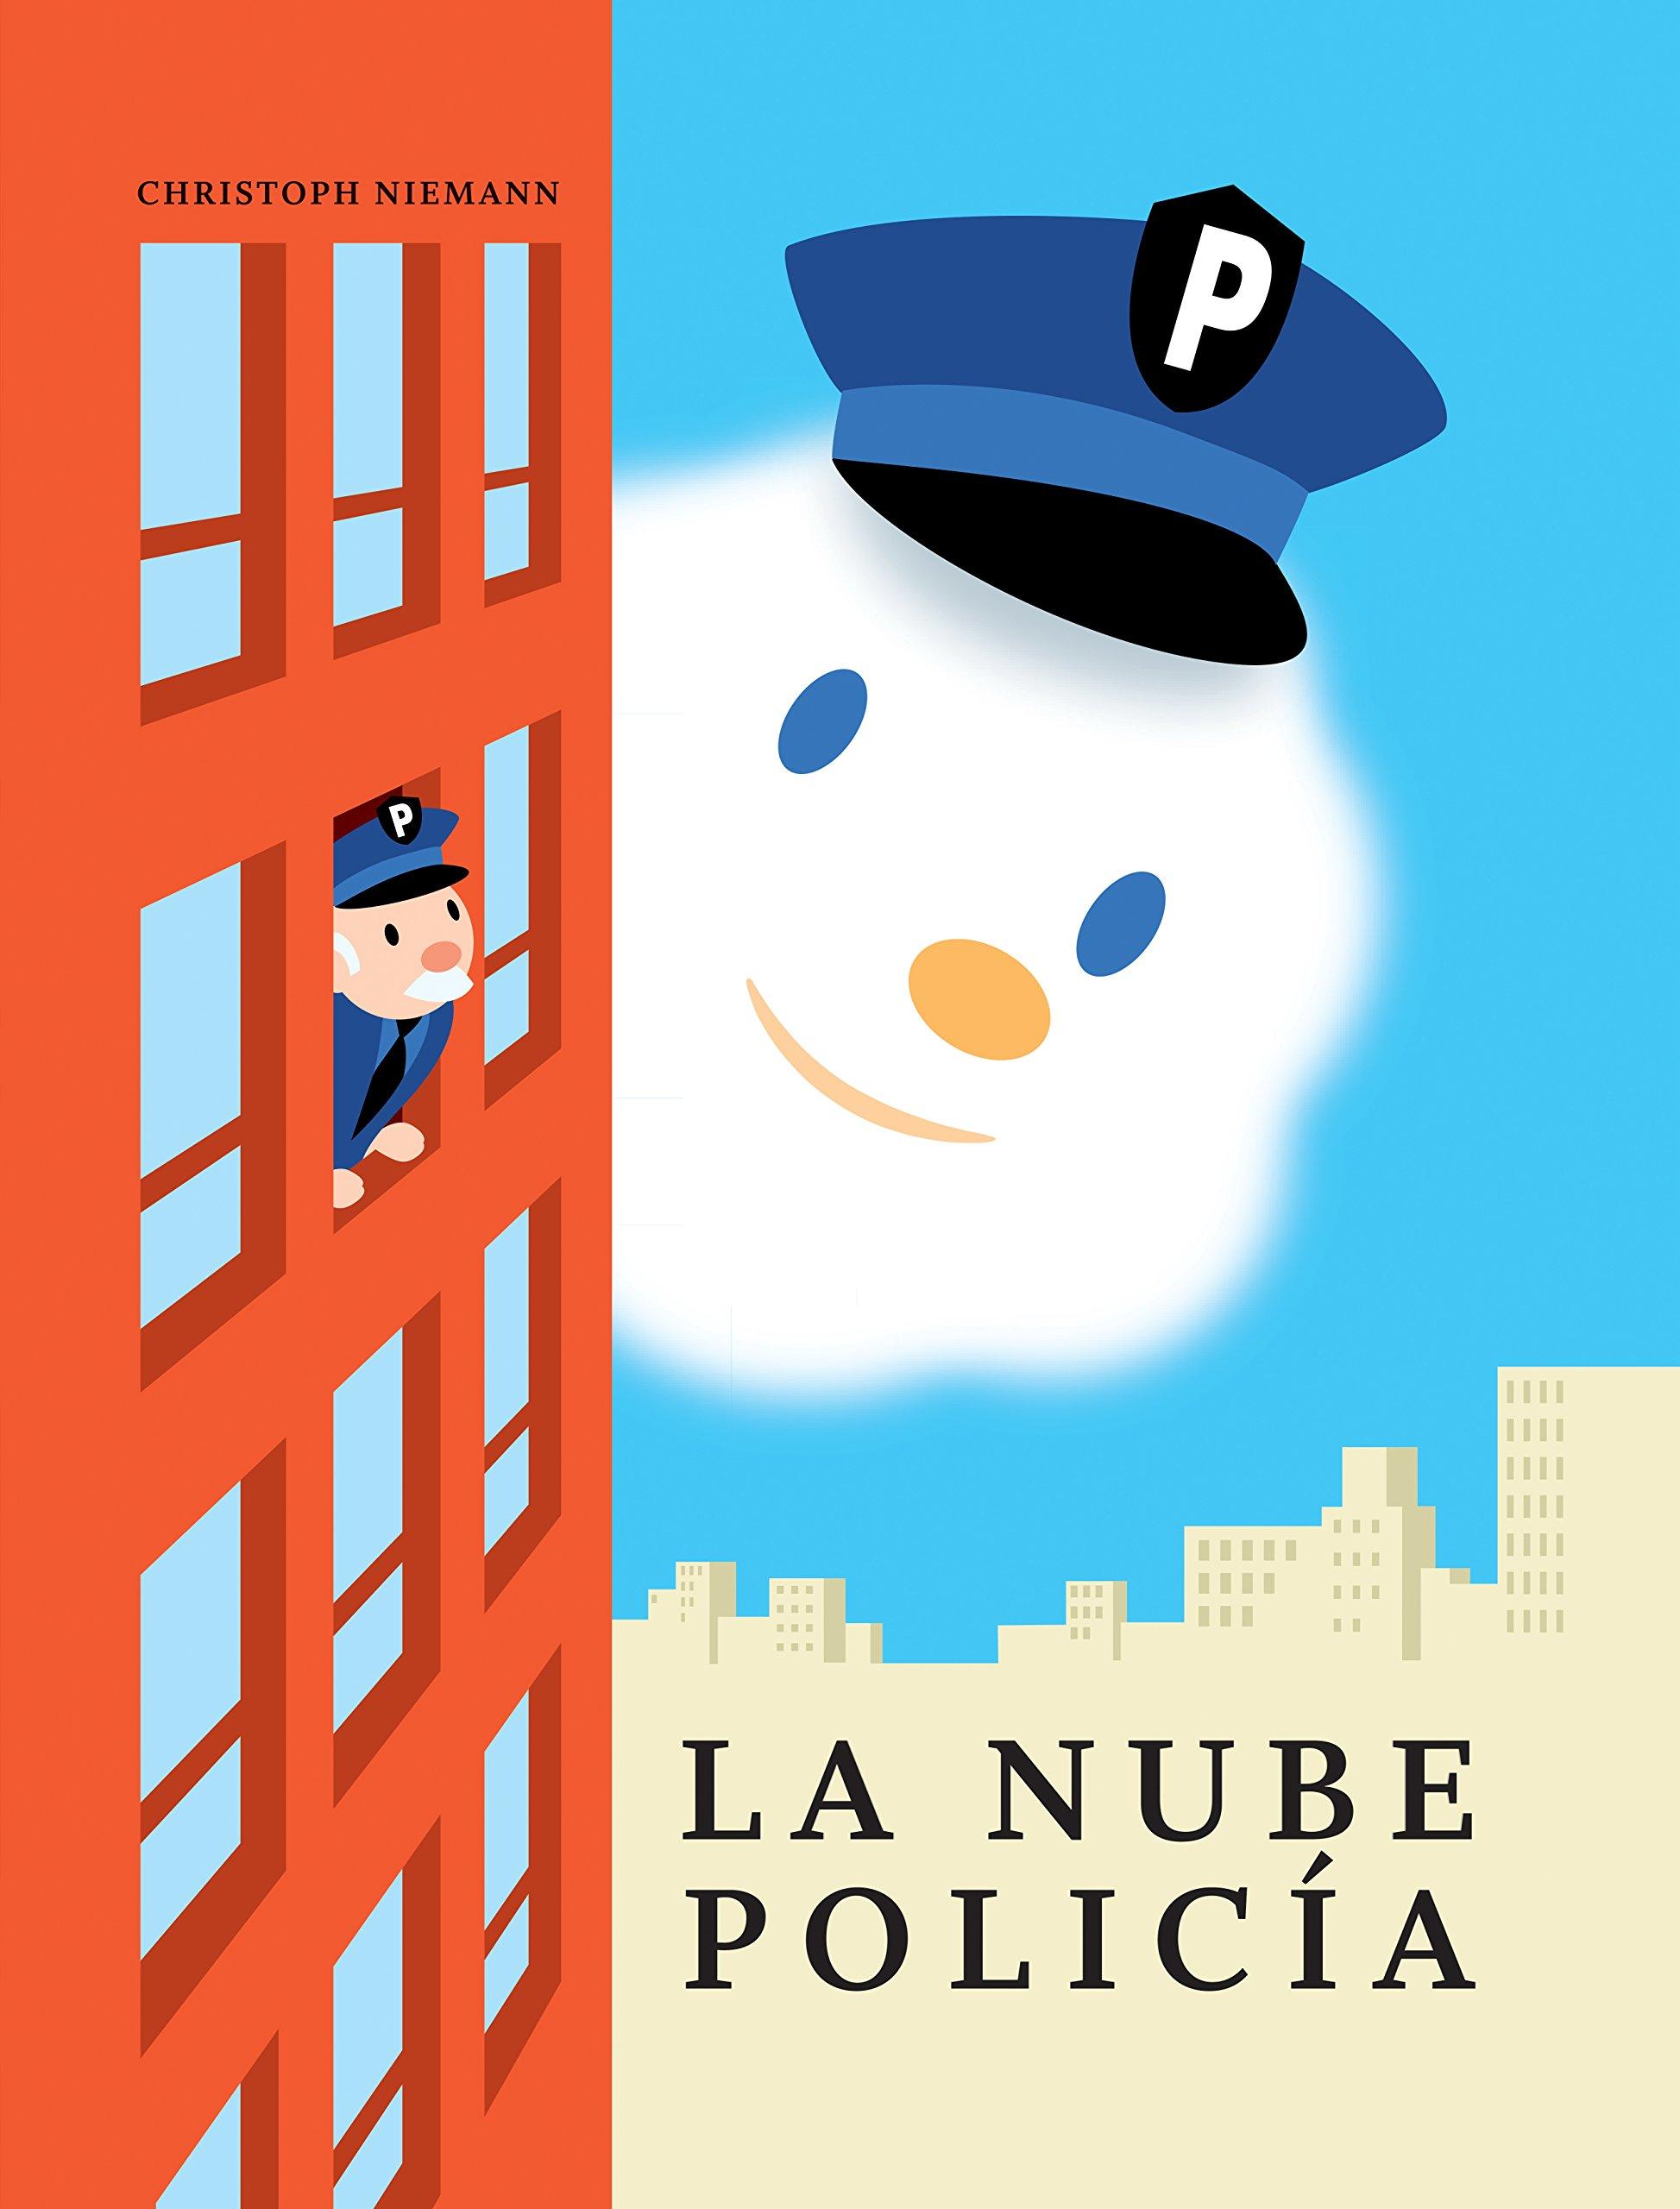 LA NUBE POLICIA